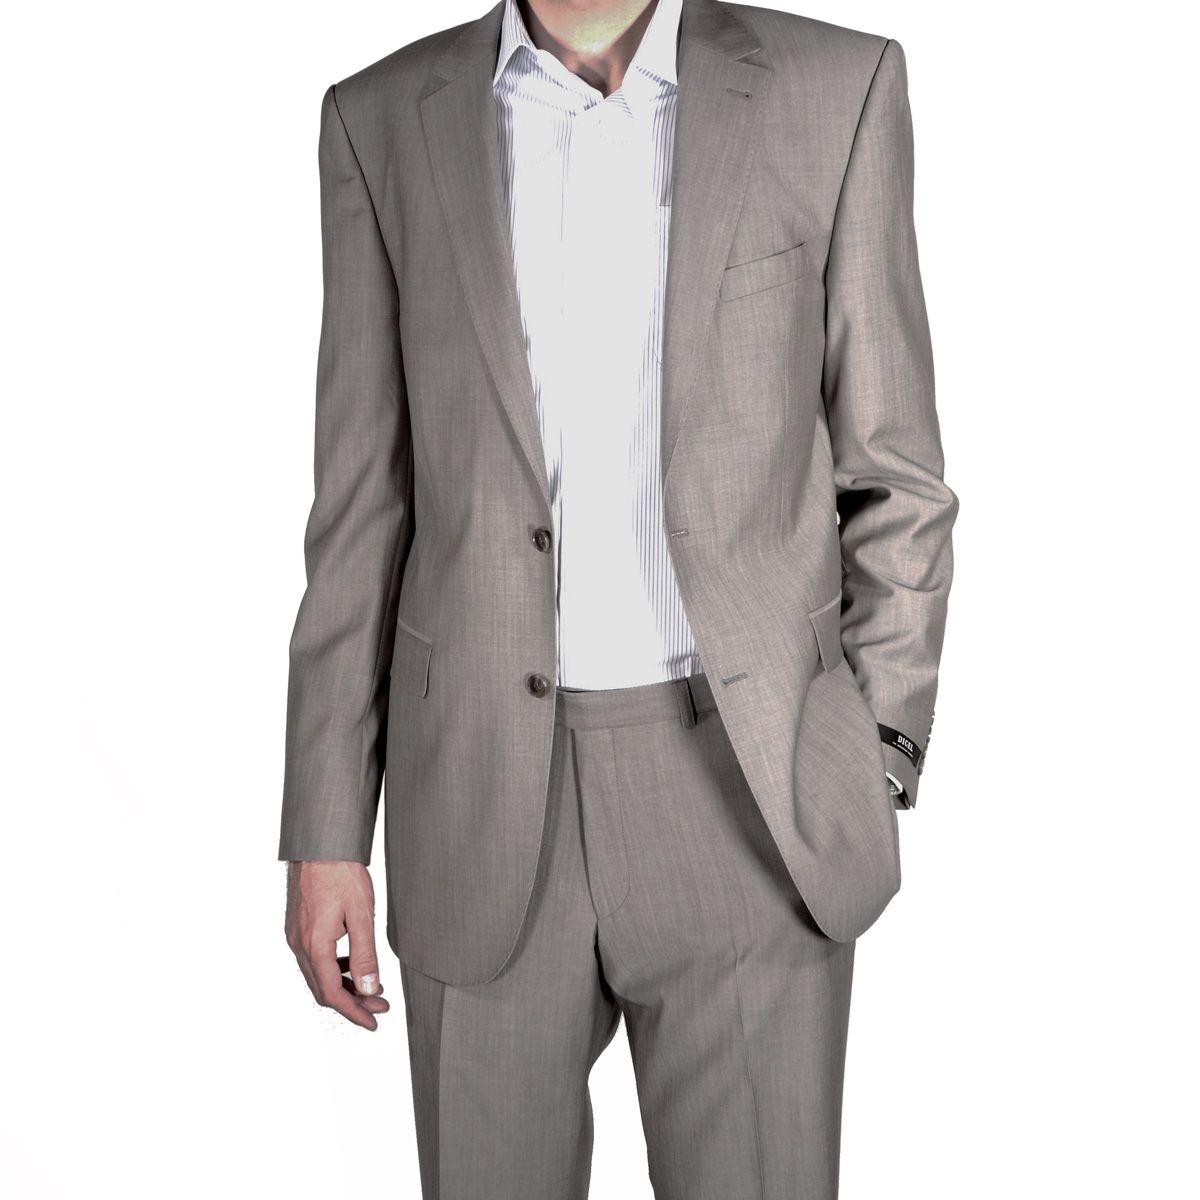 costume grande taille gris beige homme grand digel. Black Bedroom Furniture Sets. Home Design Ideas